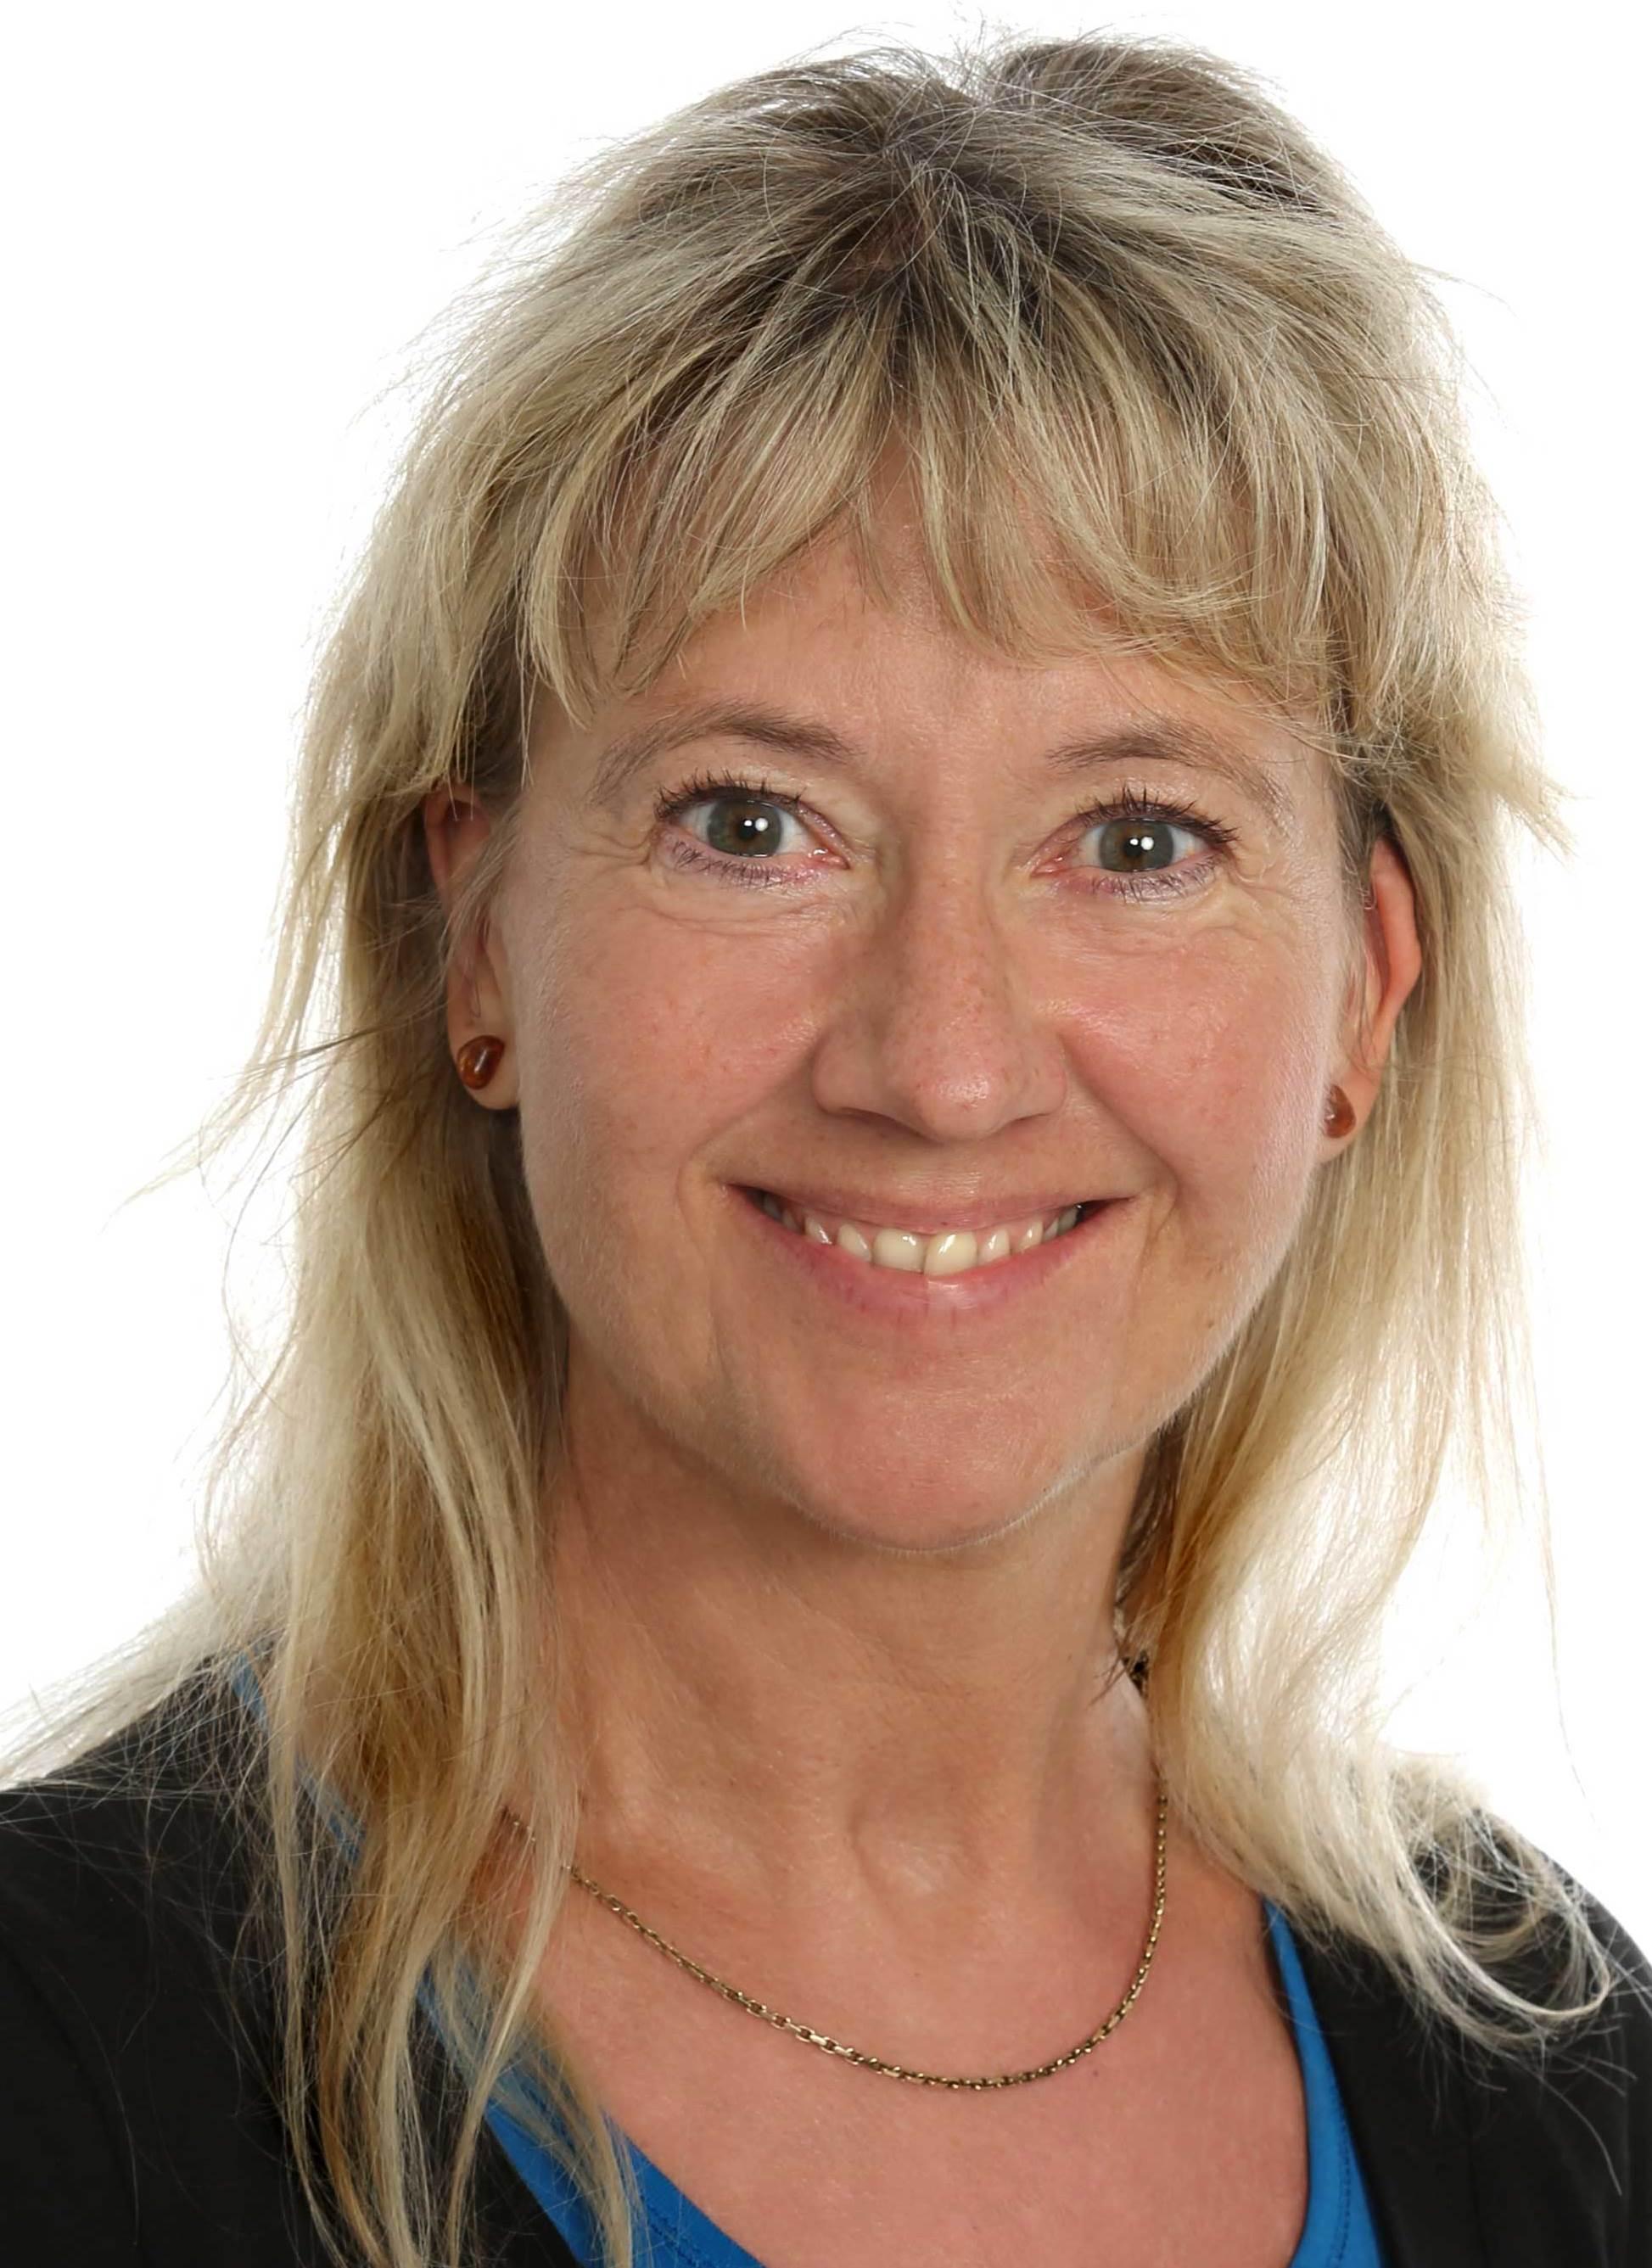 Sanna Steenfeldt